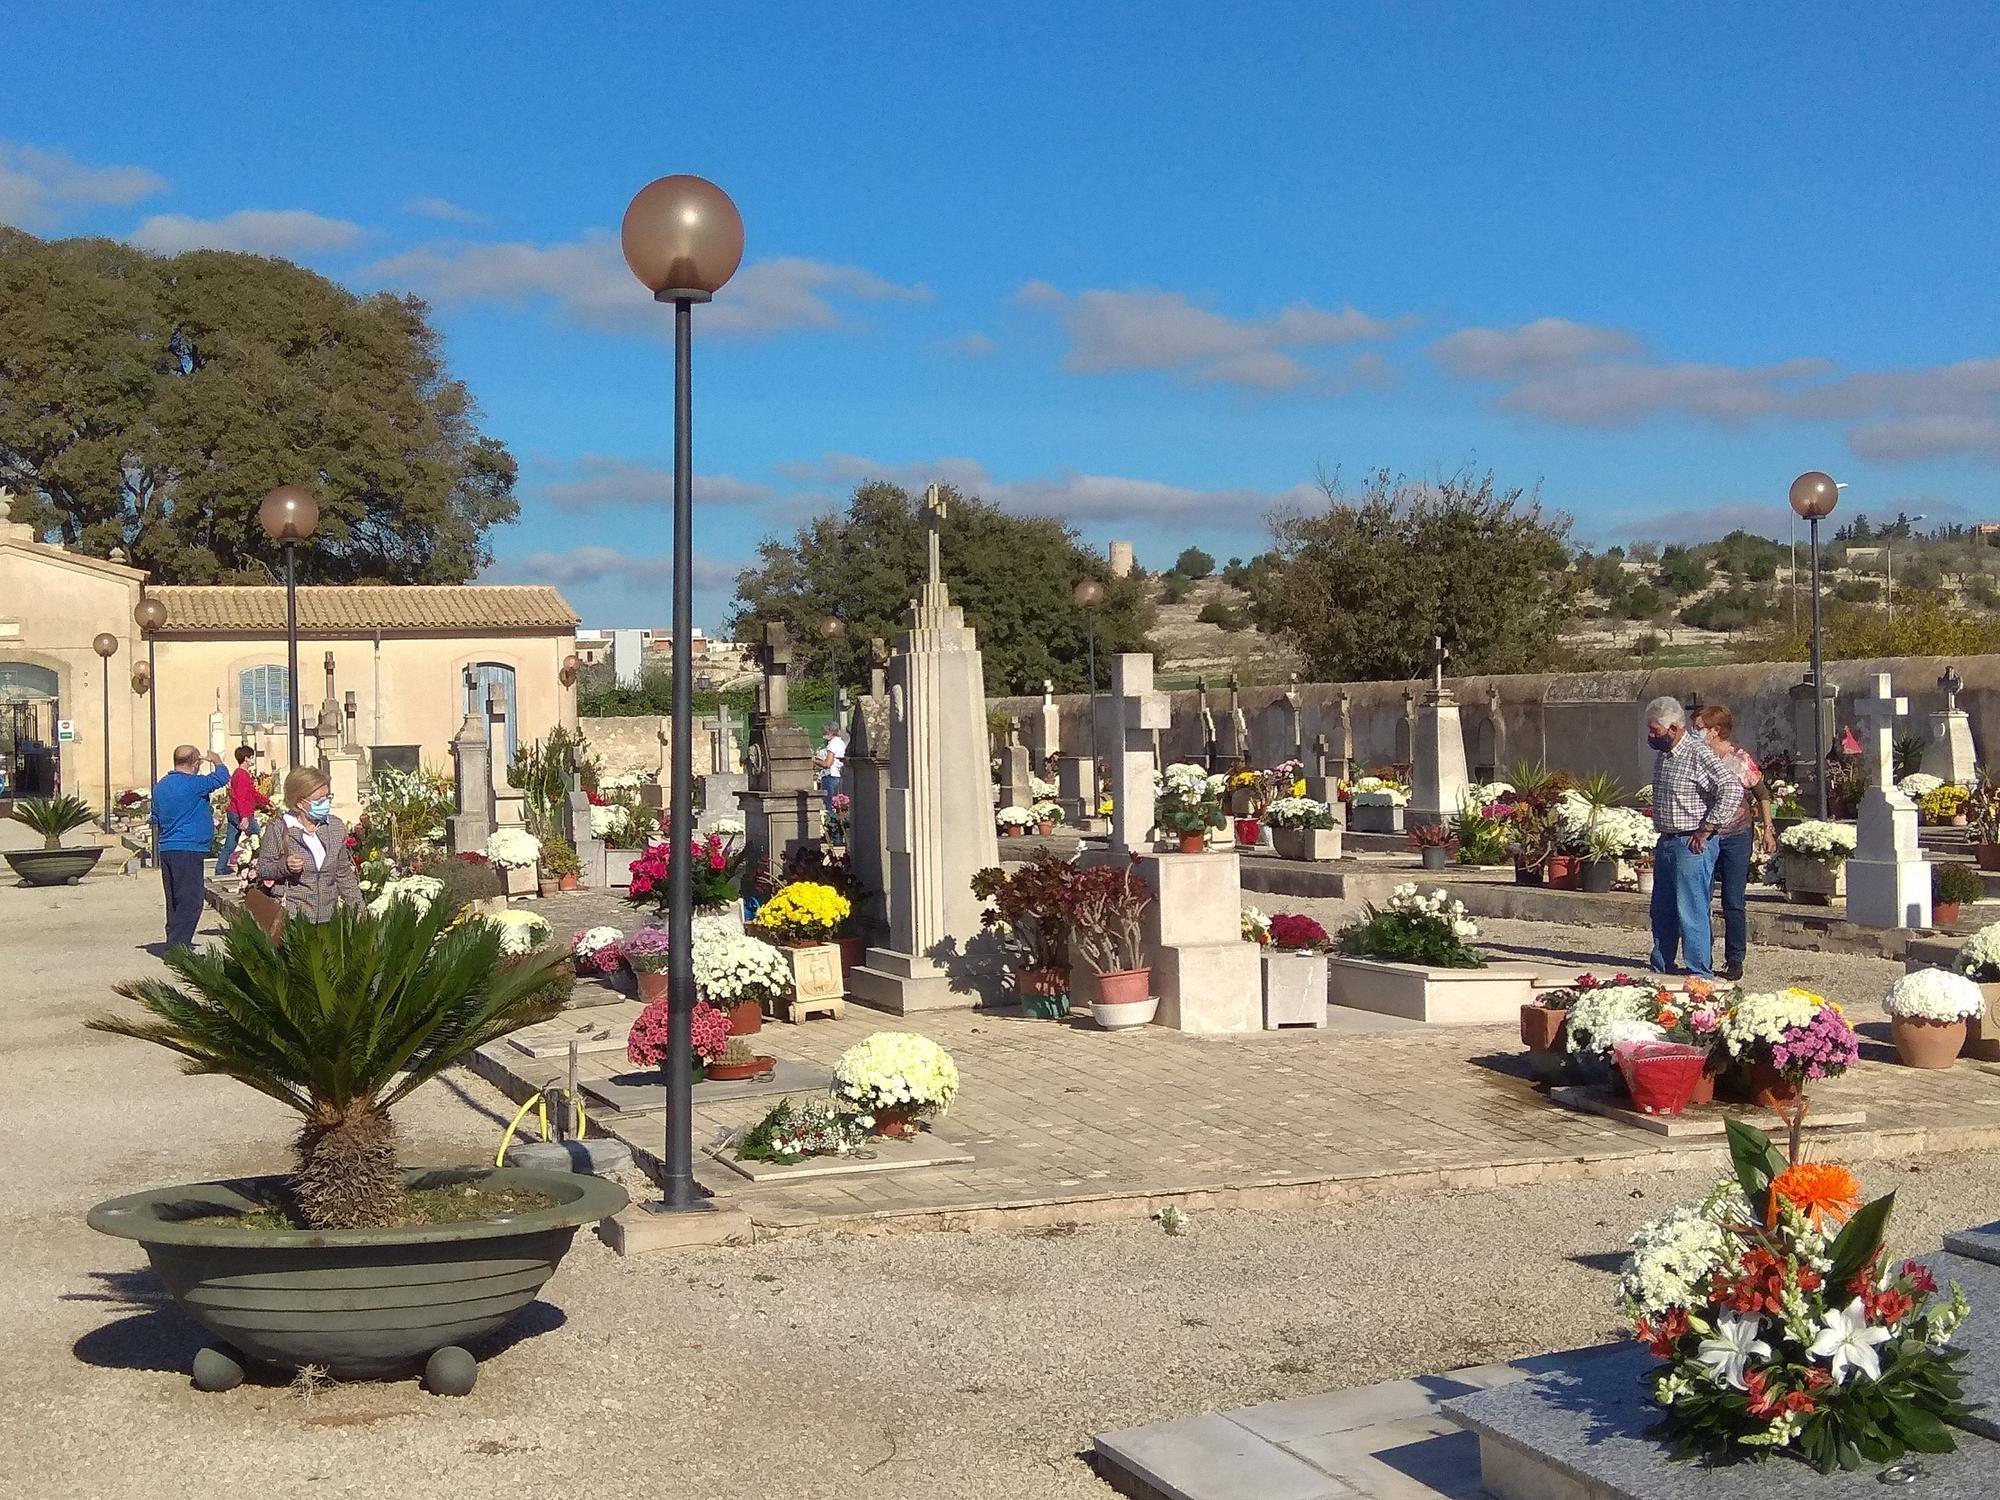 Familiares visitando sus difuntos en Montuïri